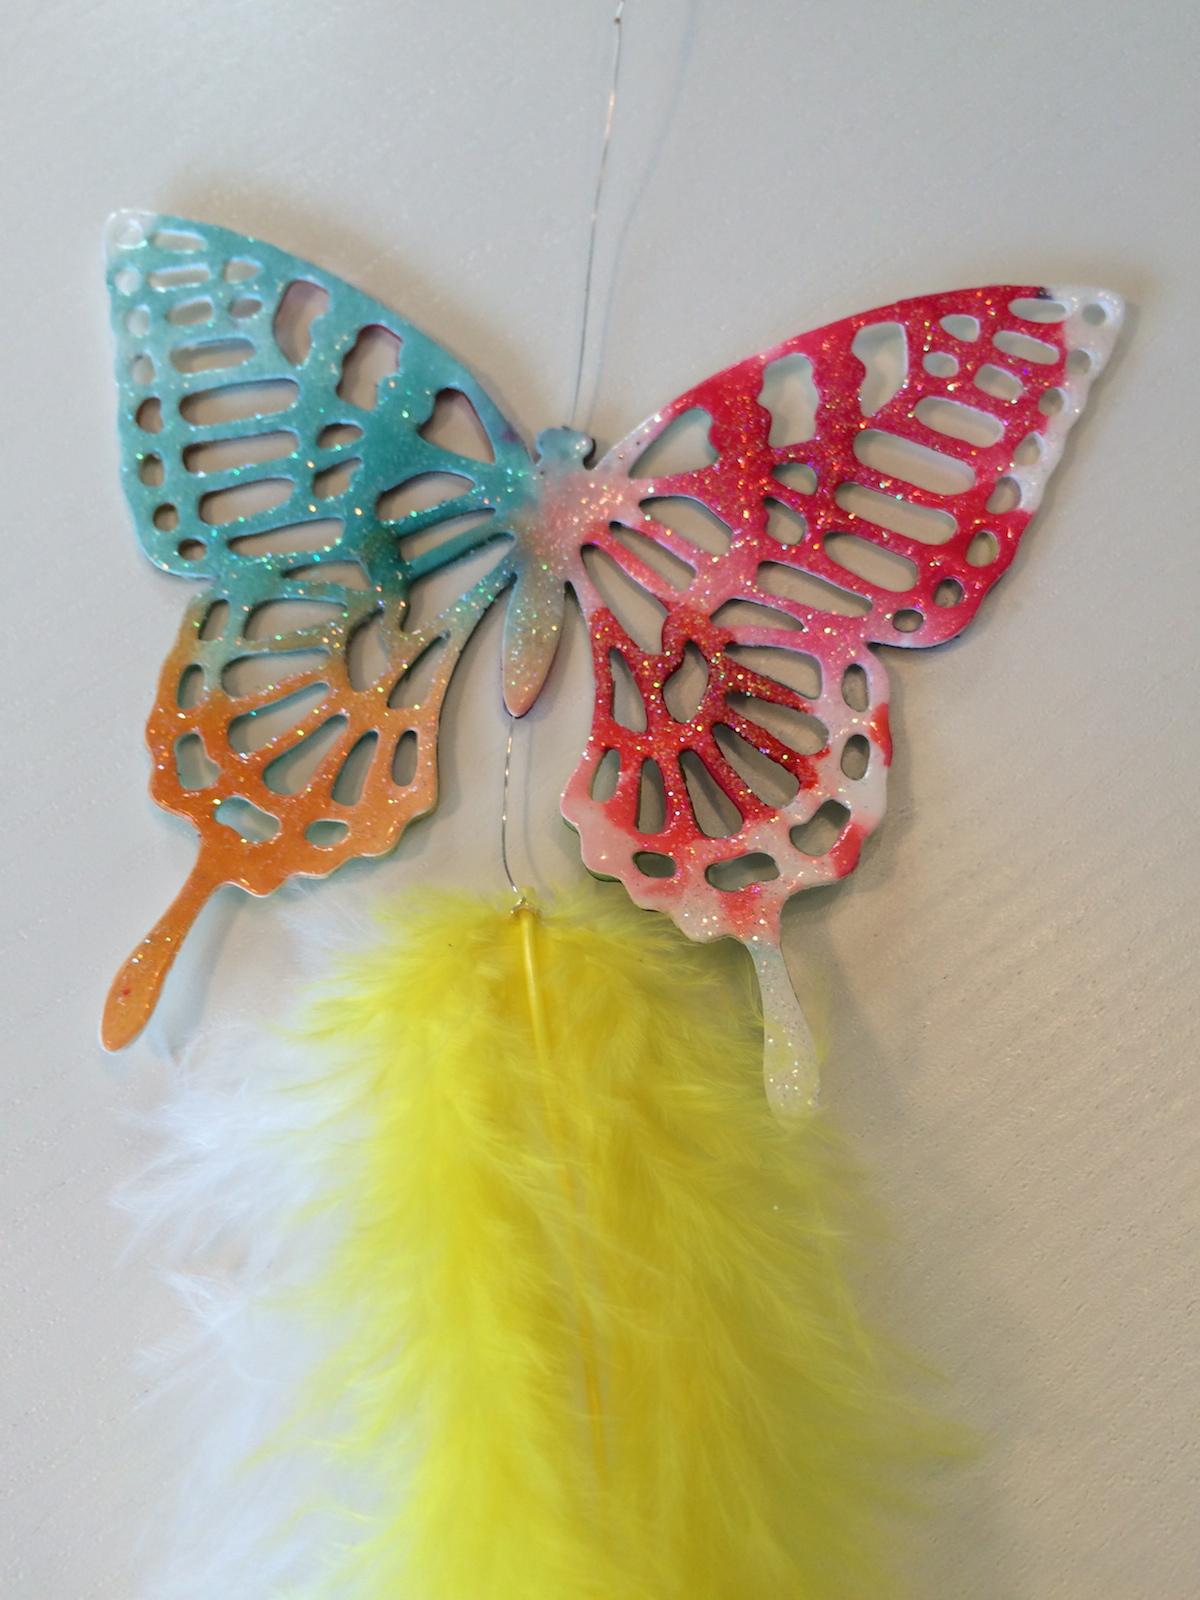 Großer Aquarell Schmetterling mit Lack überzogen und Glitzer Topping